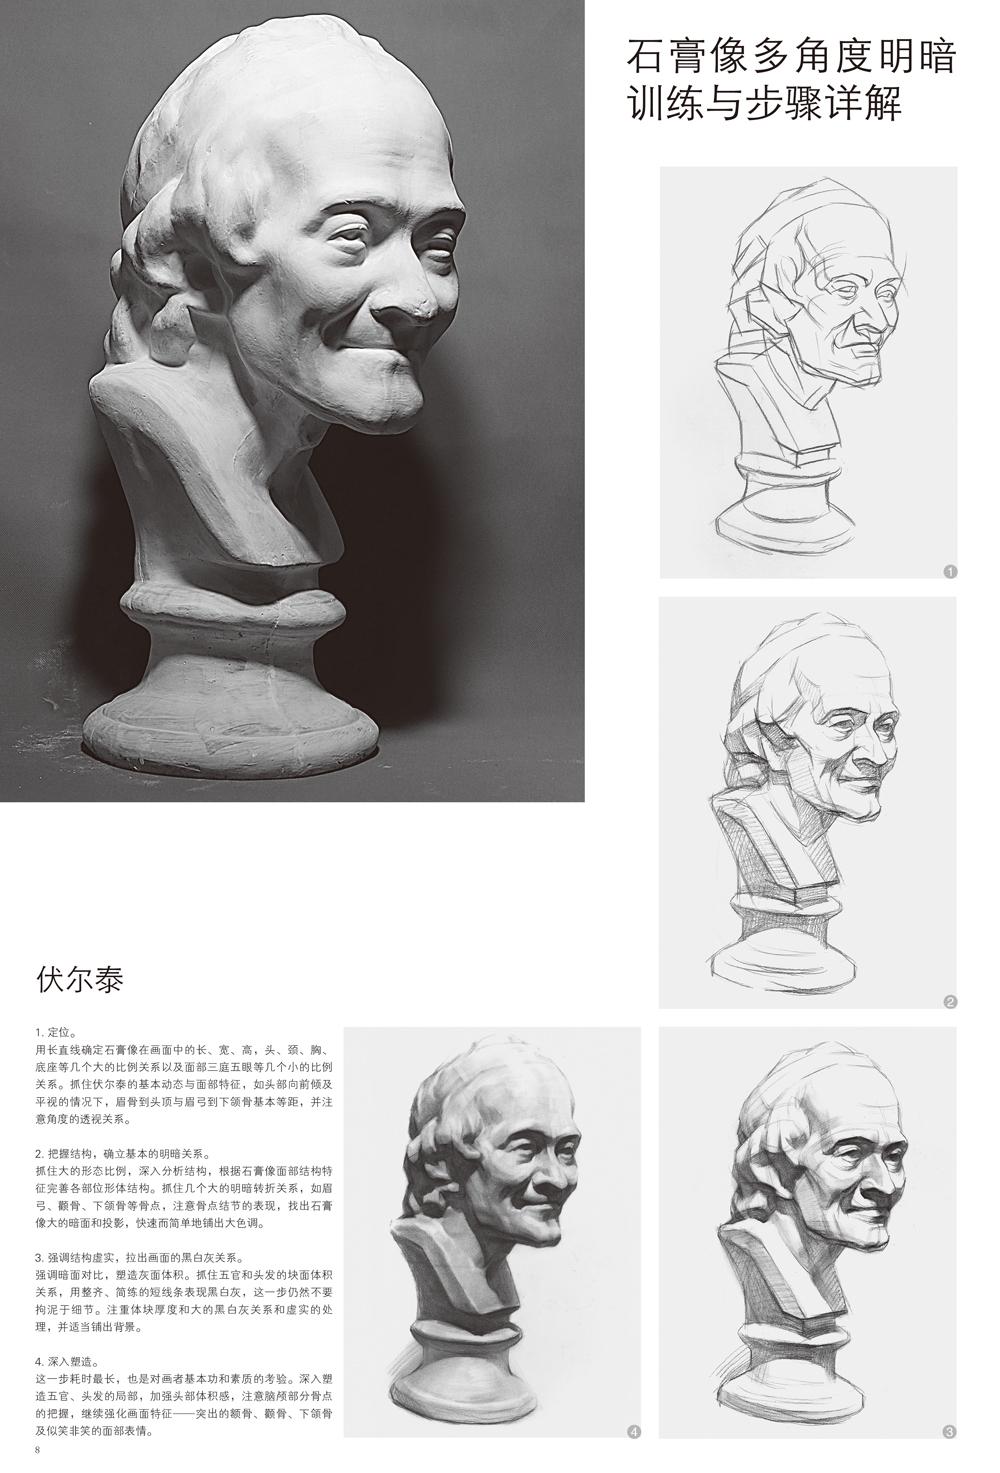 目  录 人物头部结构分析与训练 头骨 面部肌肉 石膏像多角度明暗